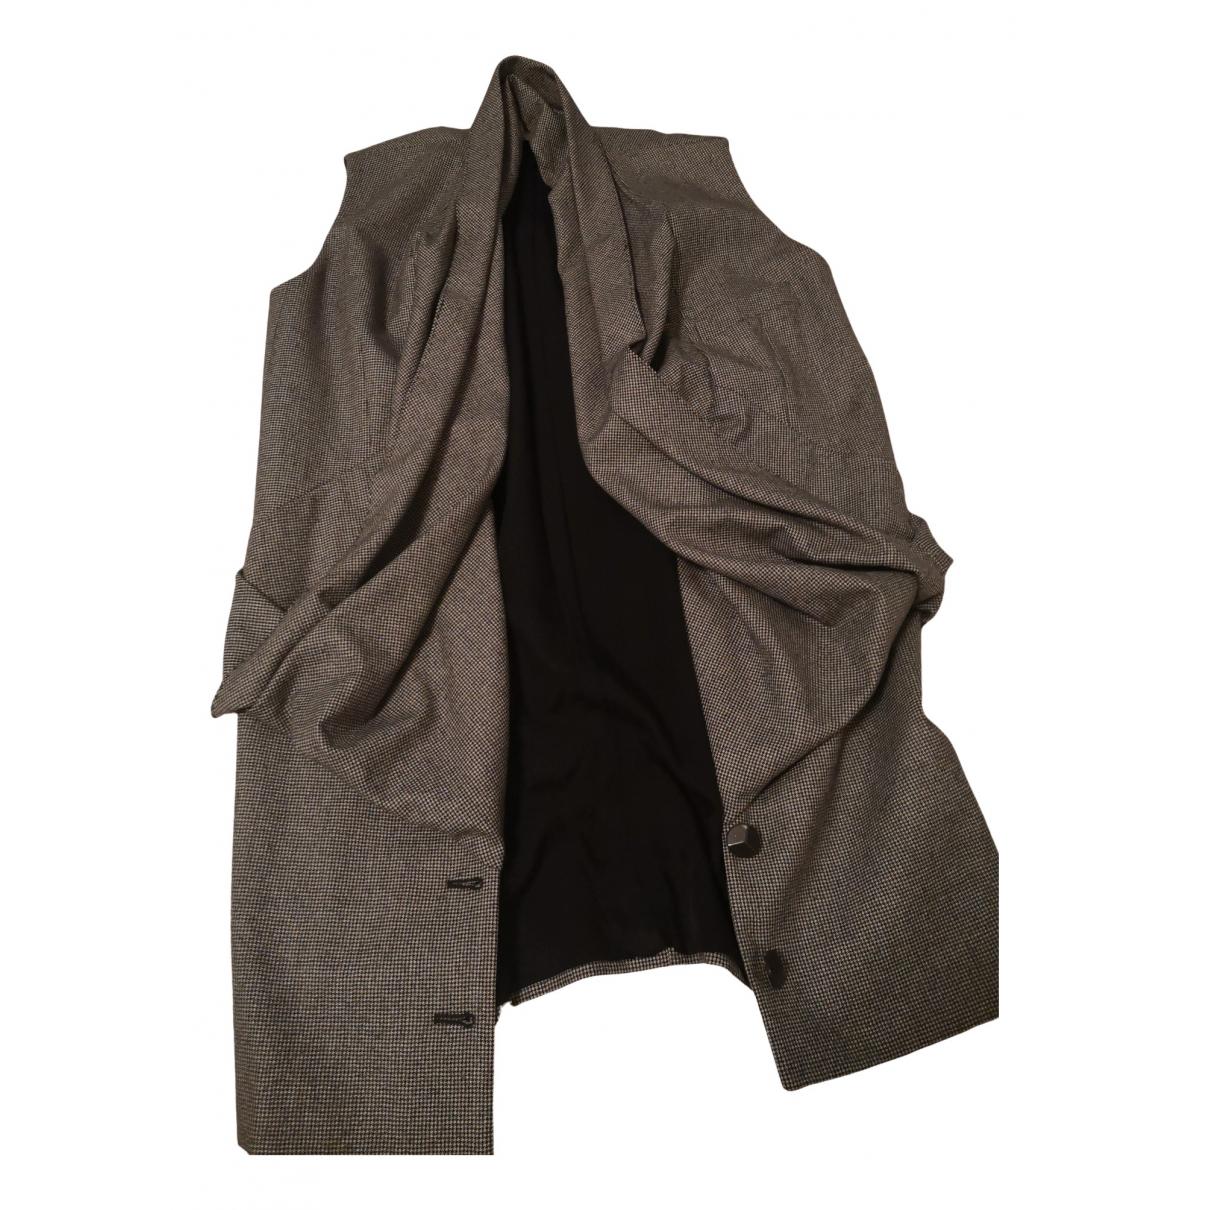 Stella Mccartney N Grey Wool Knitwear for Women 42 IT